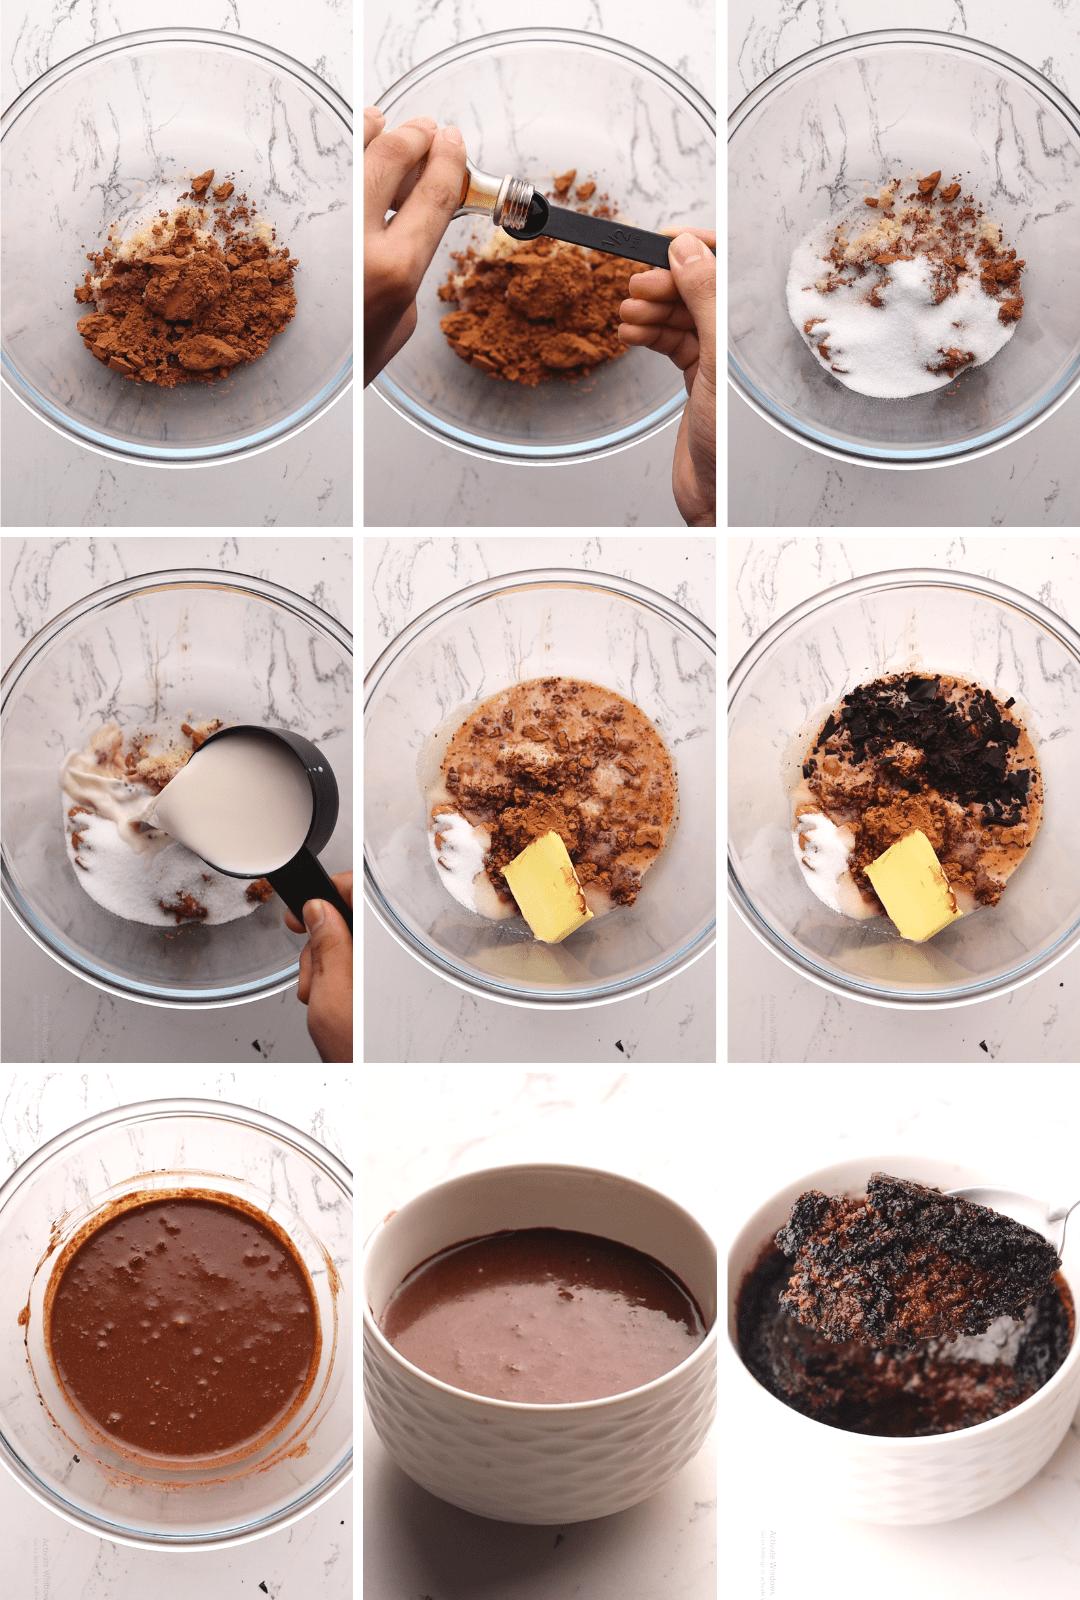 keto-mug-brownie-in-microwave-procedure